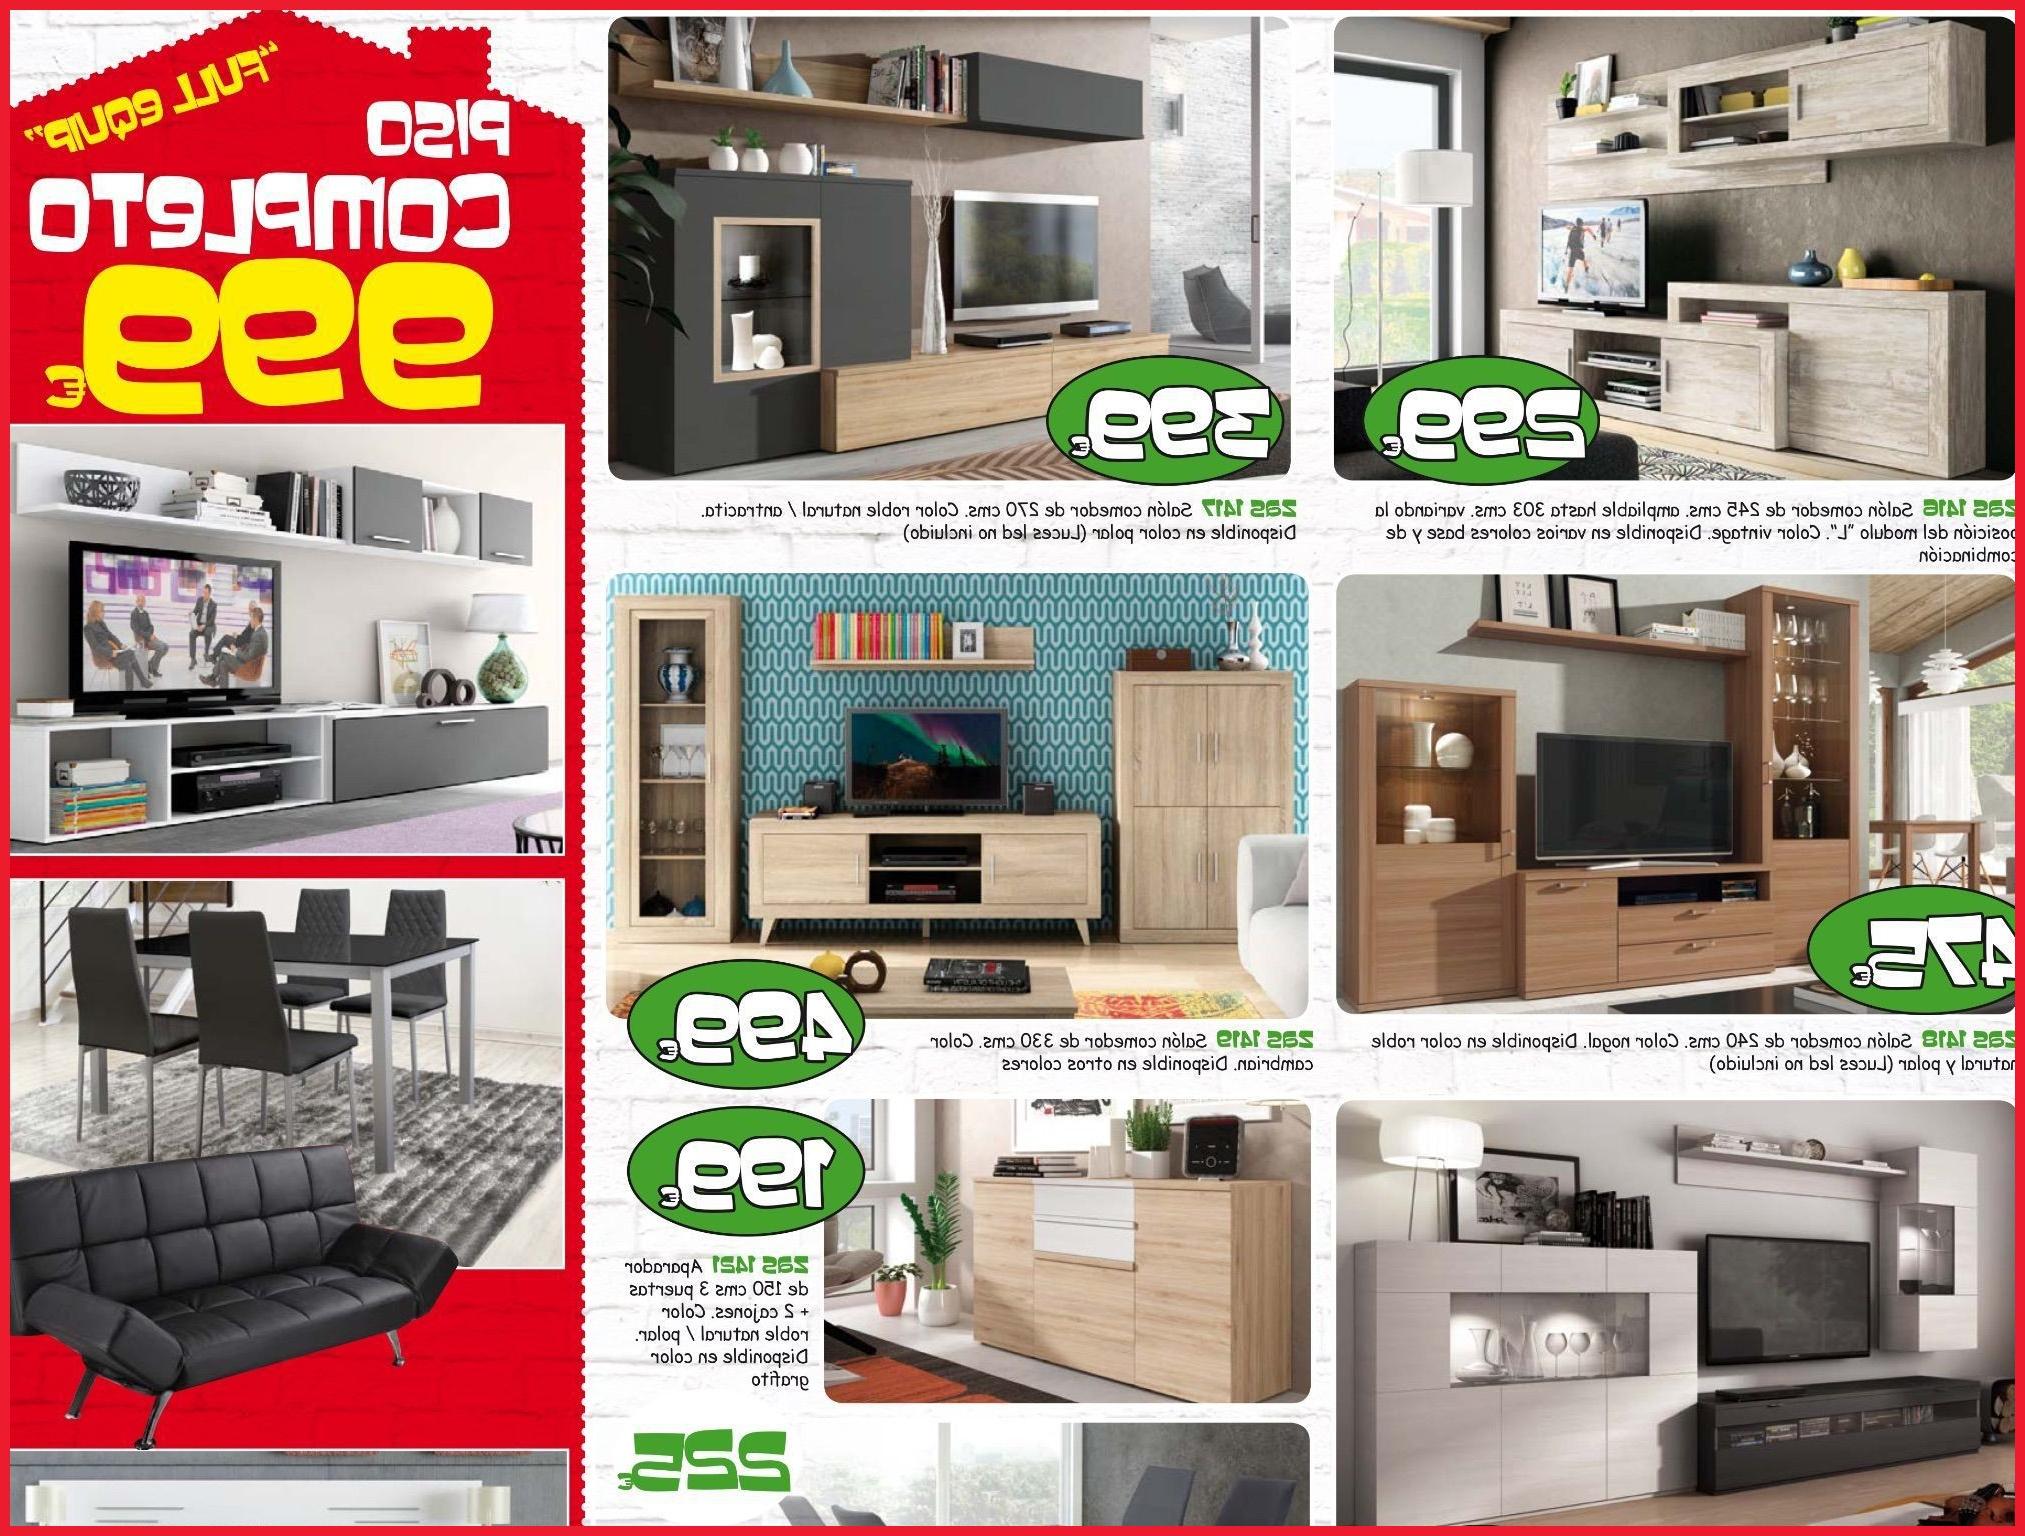 Tiendas Muebles Las Palmas 87dx Tiendas De Muebles Baratas Muebles Baratos Muebles Baratos En